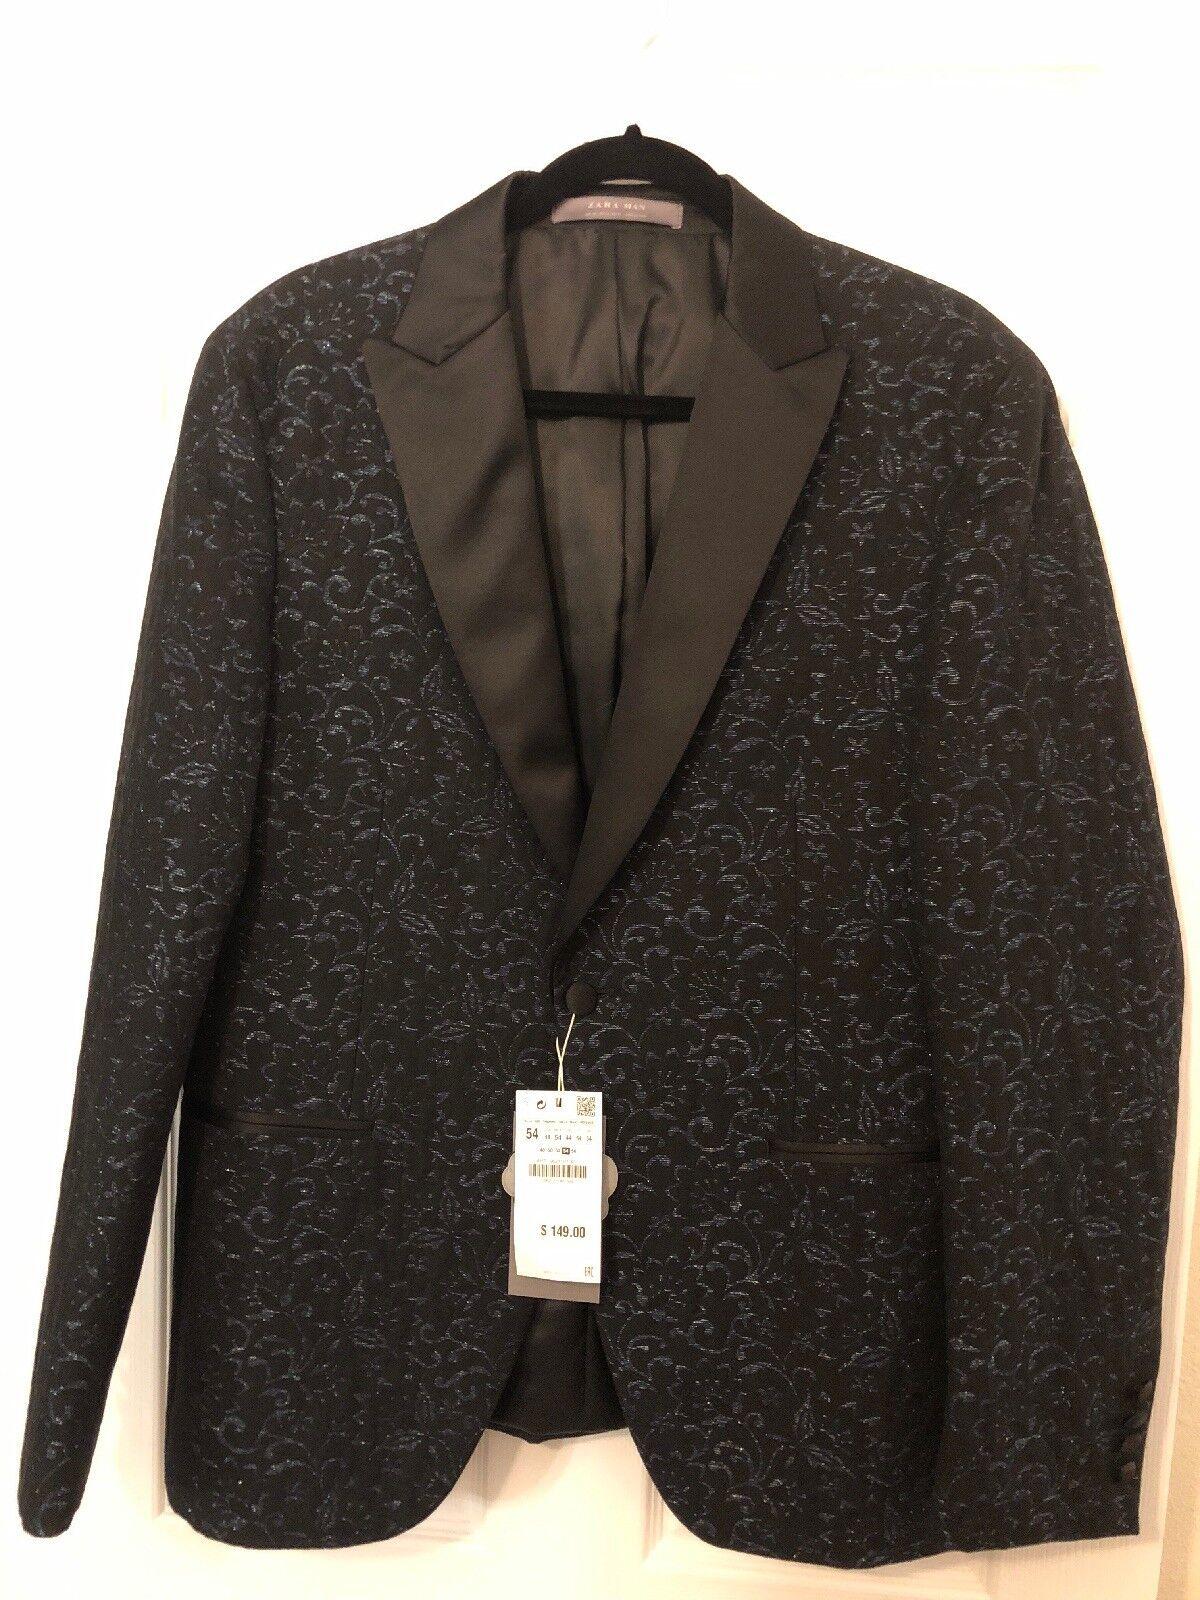 Zara Men Blazer Size 44 New With Tags Retails For